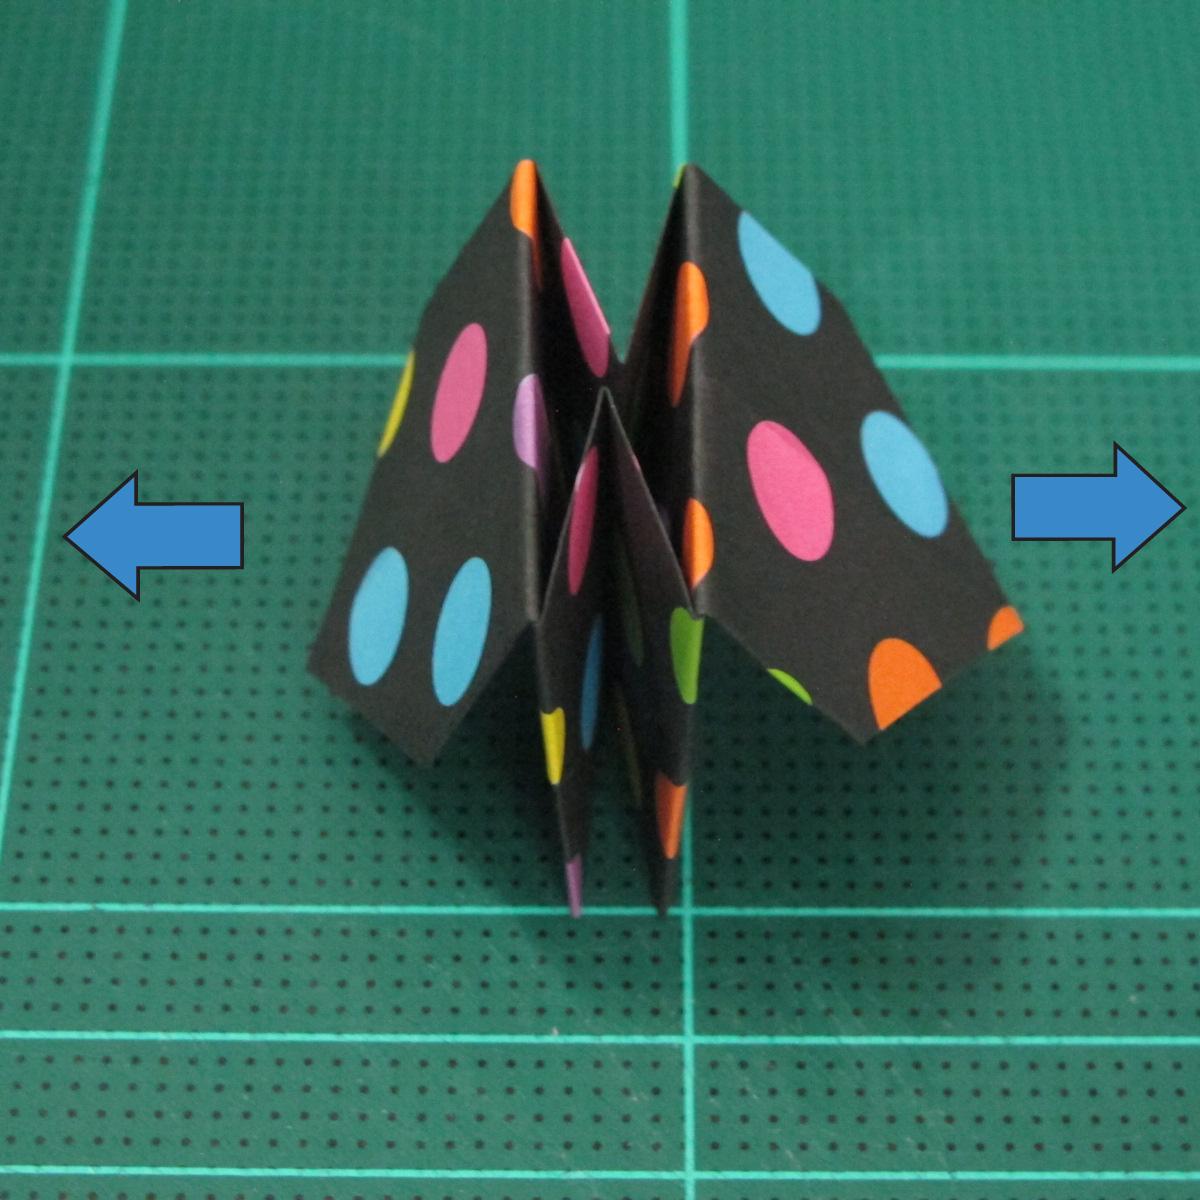 การพับกระดาษเป็นถุงใส่ขนมแบบญี่ปุ่น (Origami Sambo) 013